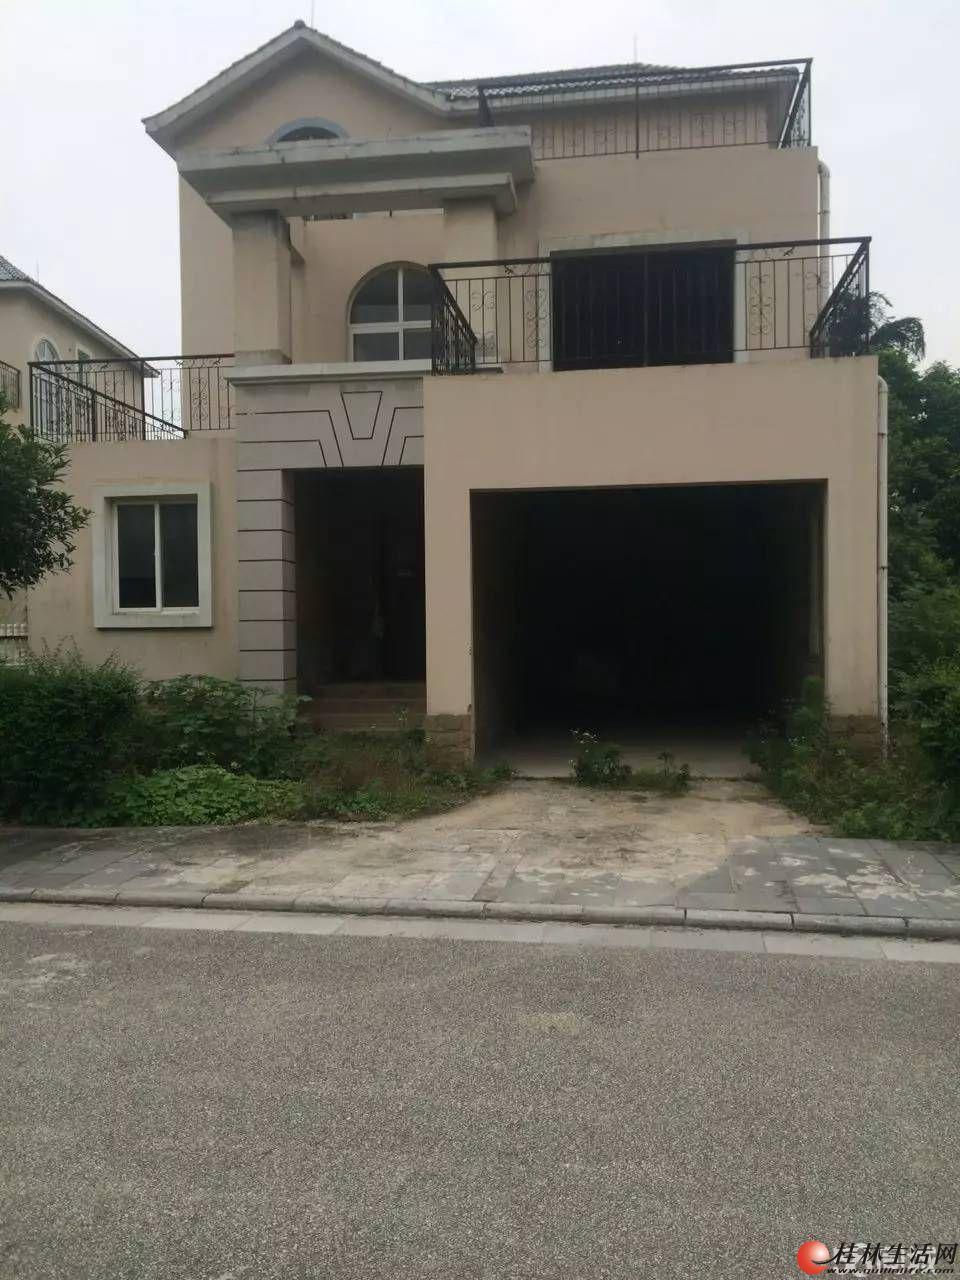 Q 山水凤凰城 独栋大别墅 占地大,花园大 现在卖230万